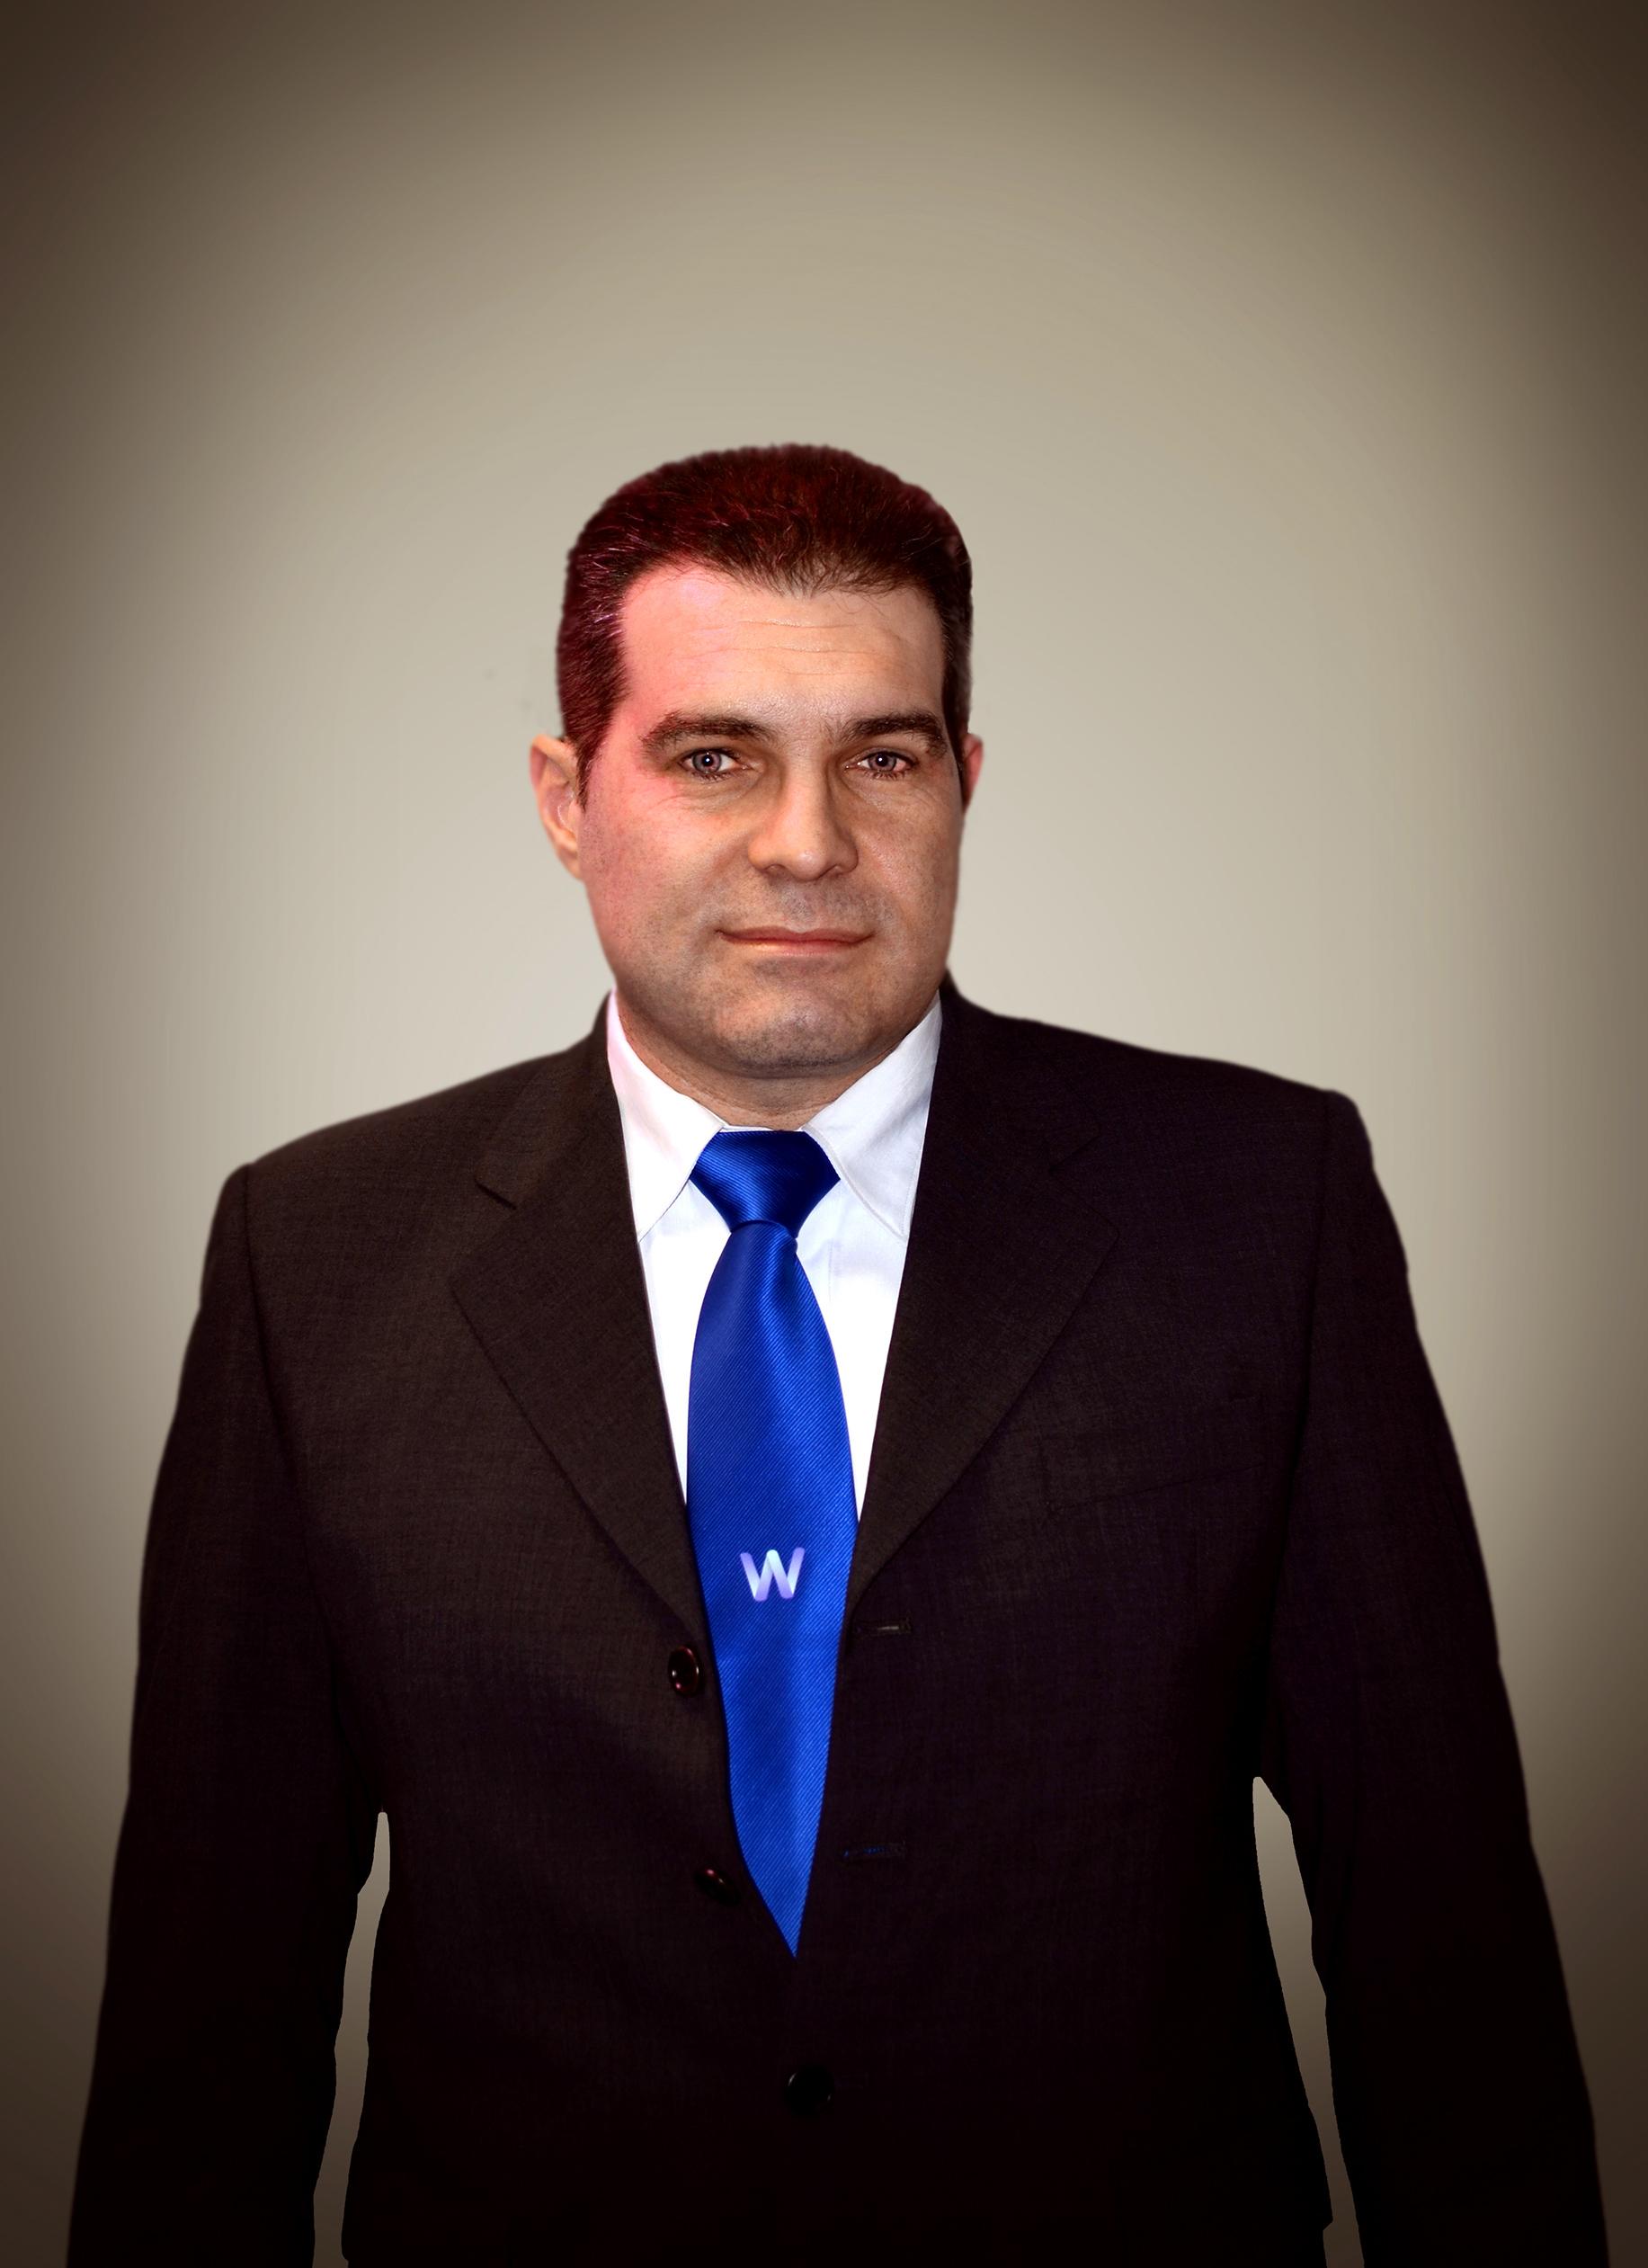 José María Soriano Bernal